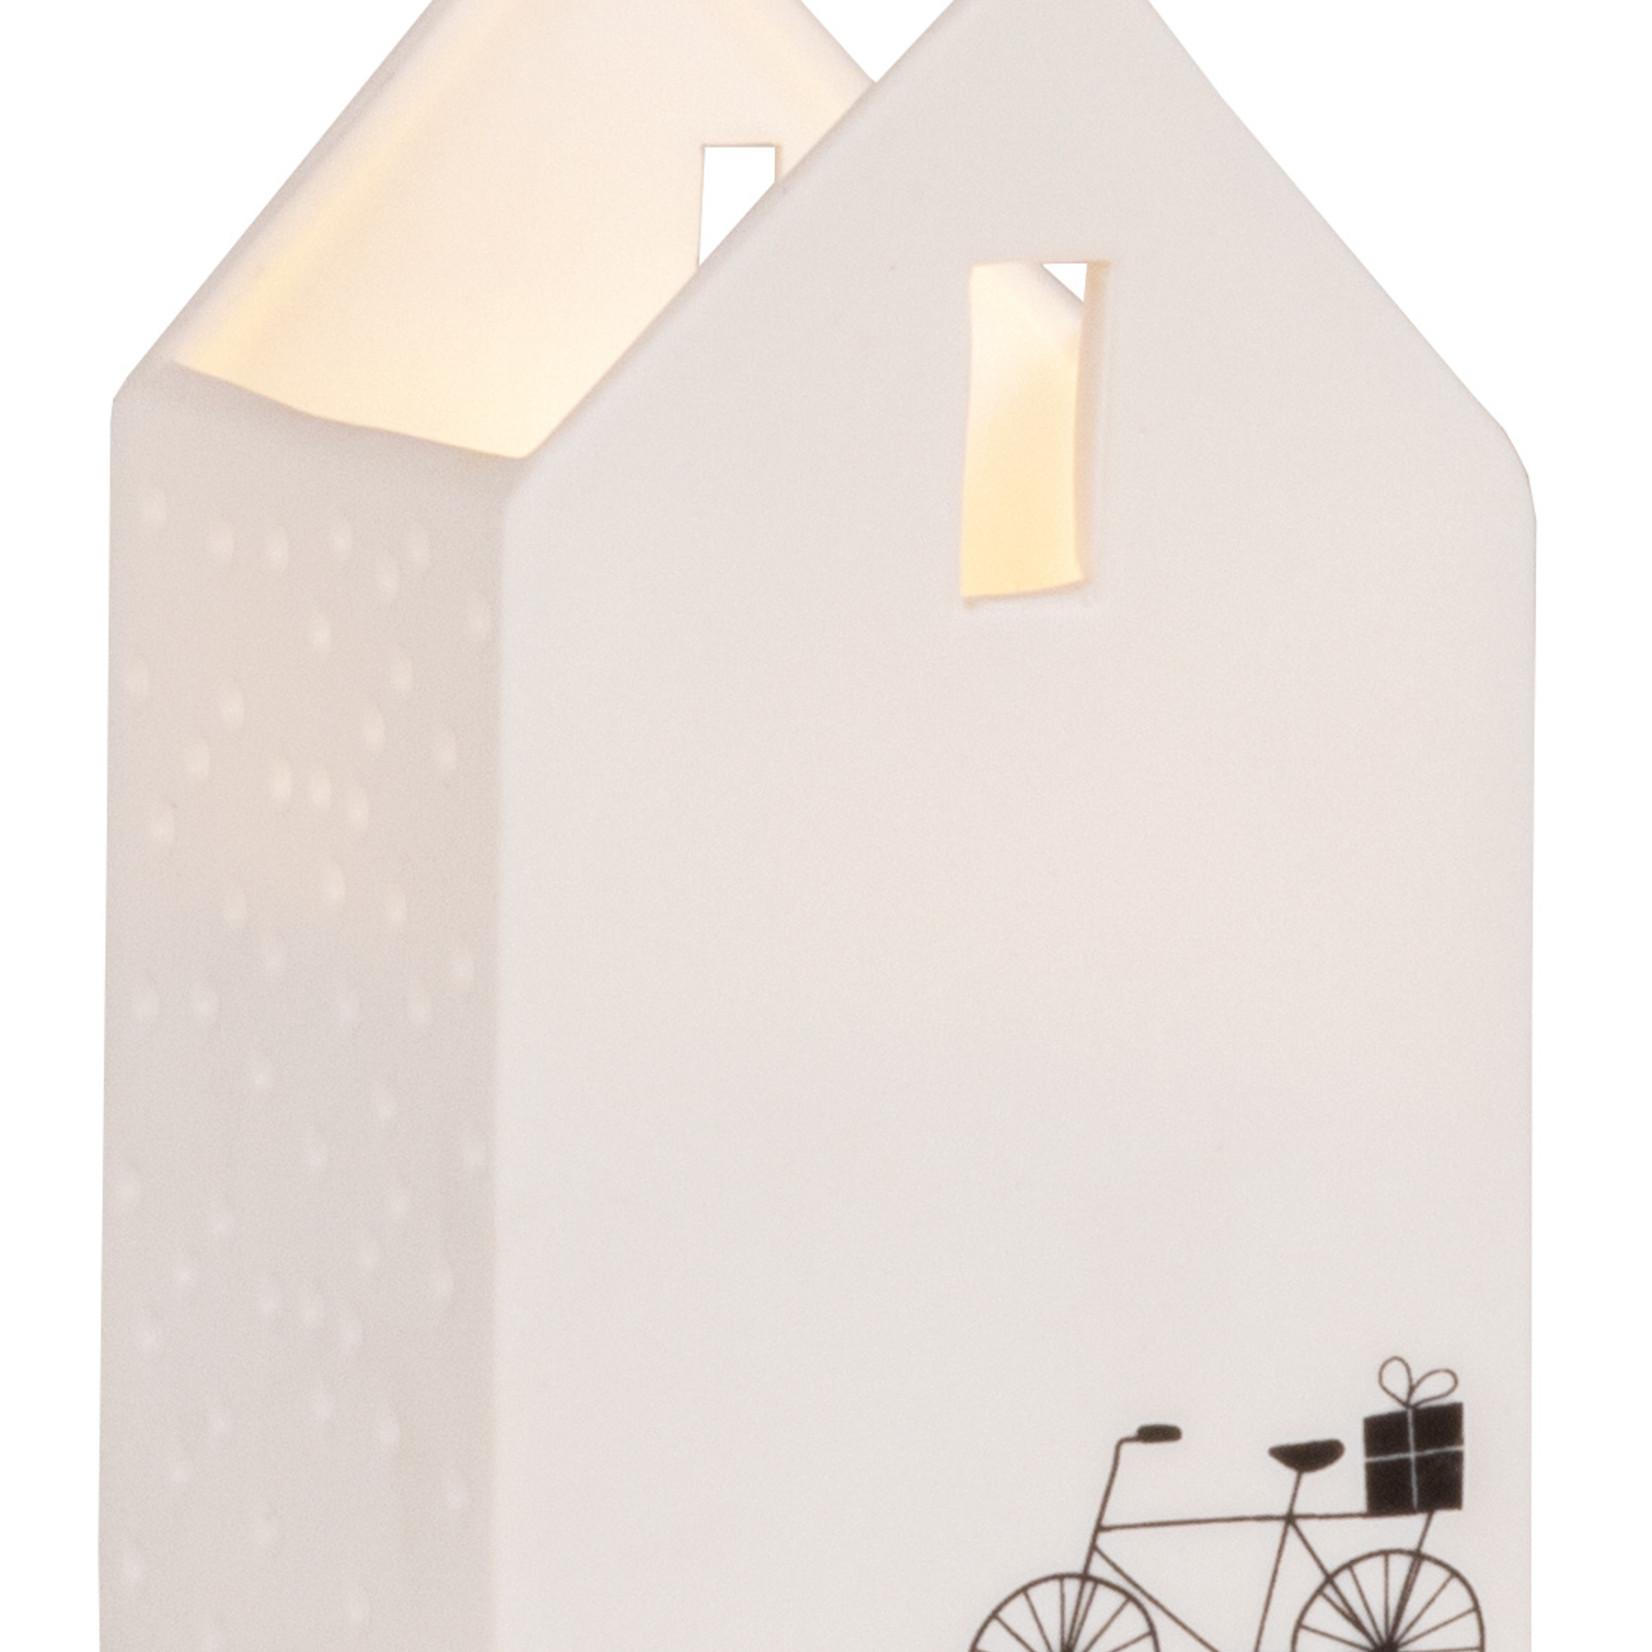 Räder Design Lichtspielhaus bei dir ist es